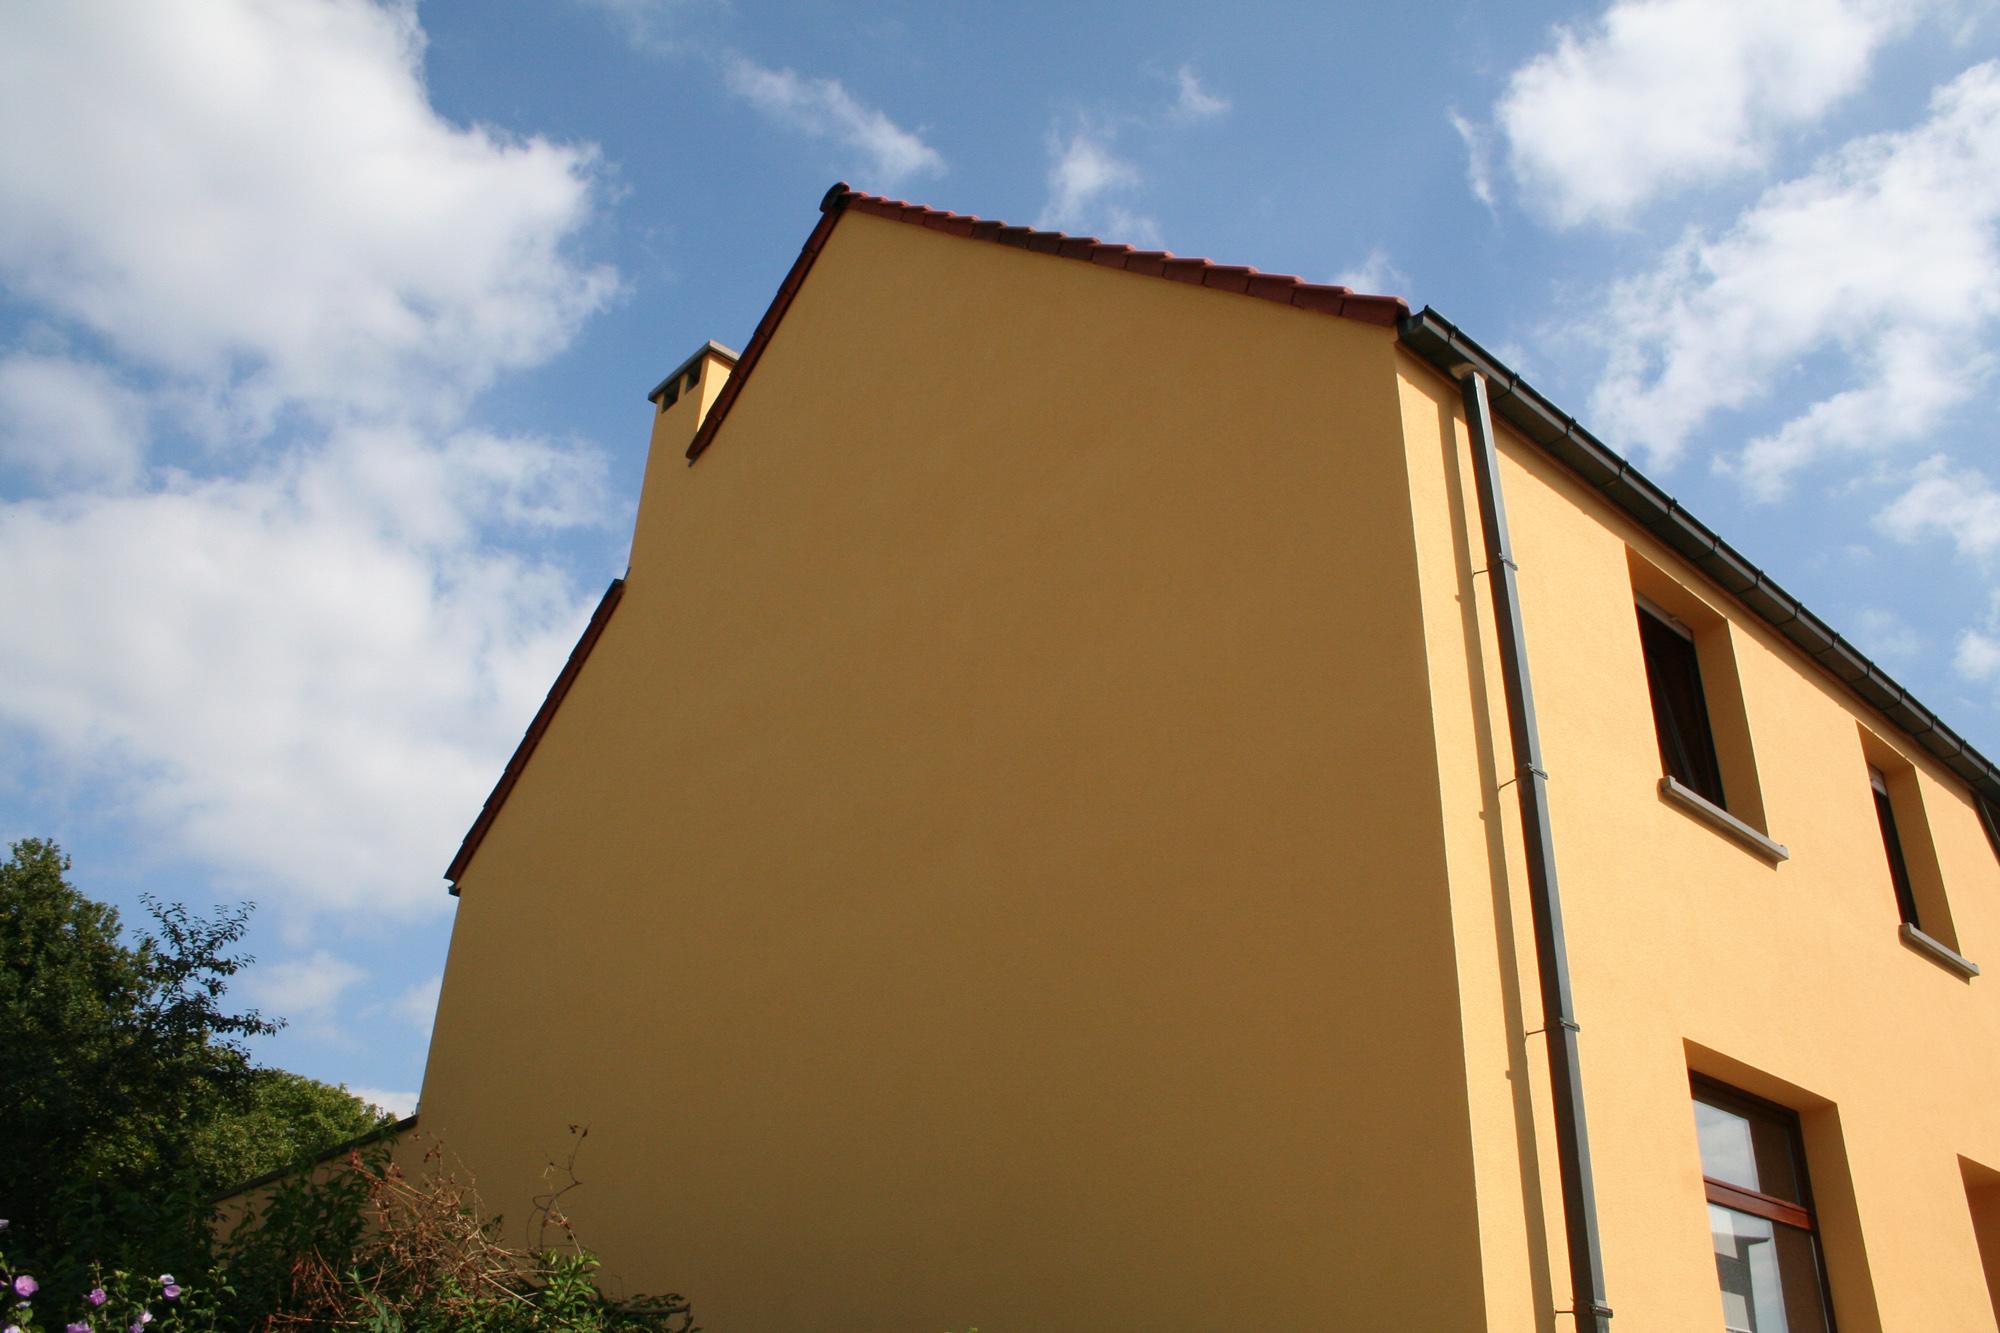 Prolongez la durée de vie de votre système d'isolation de façade